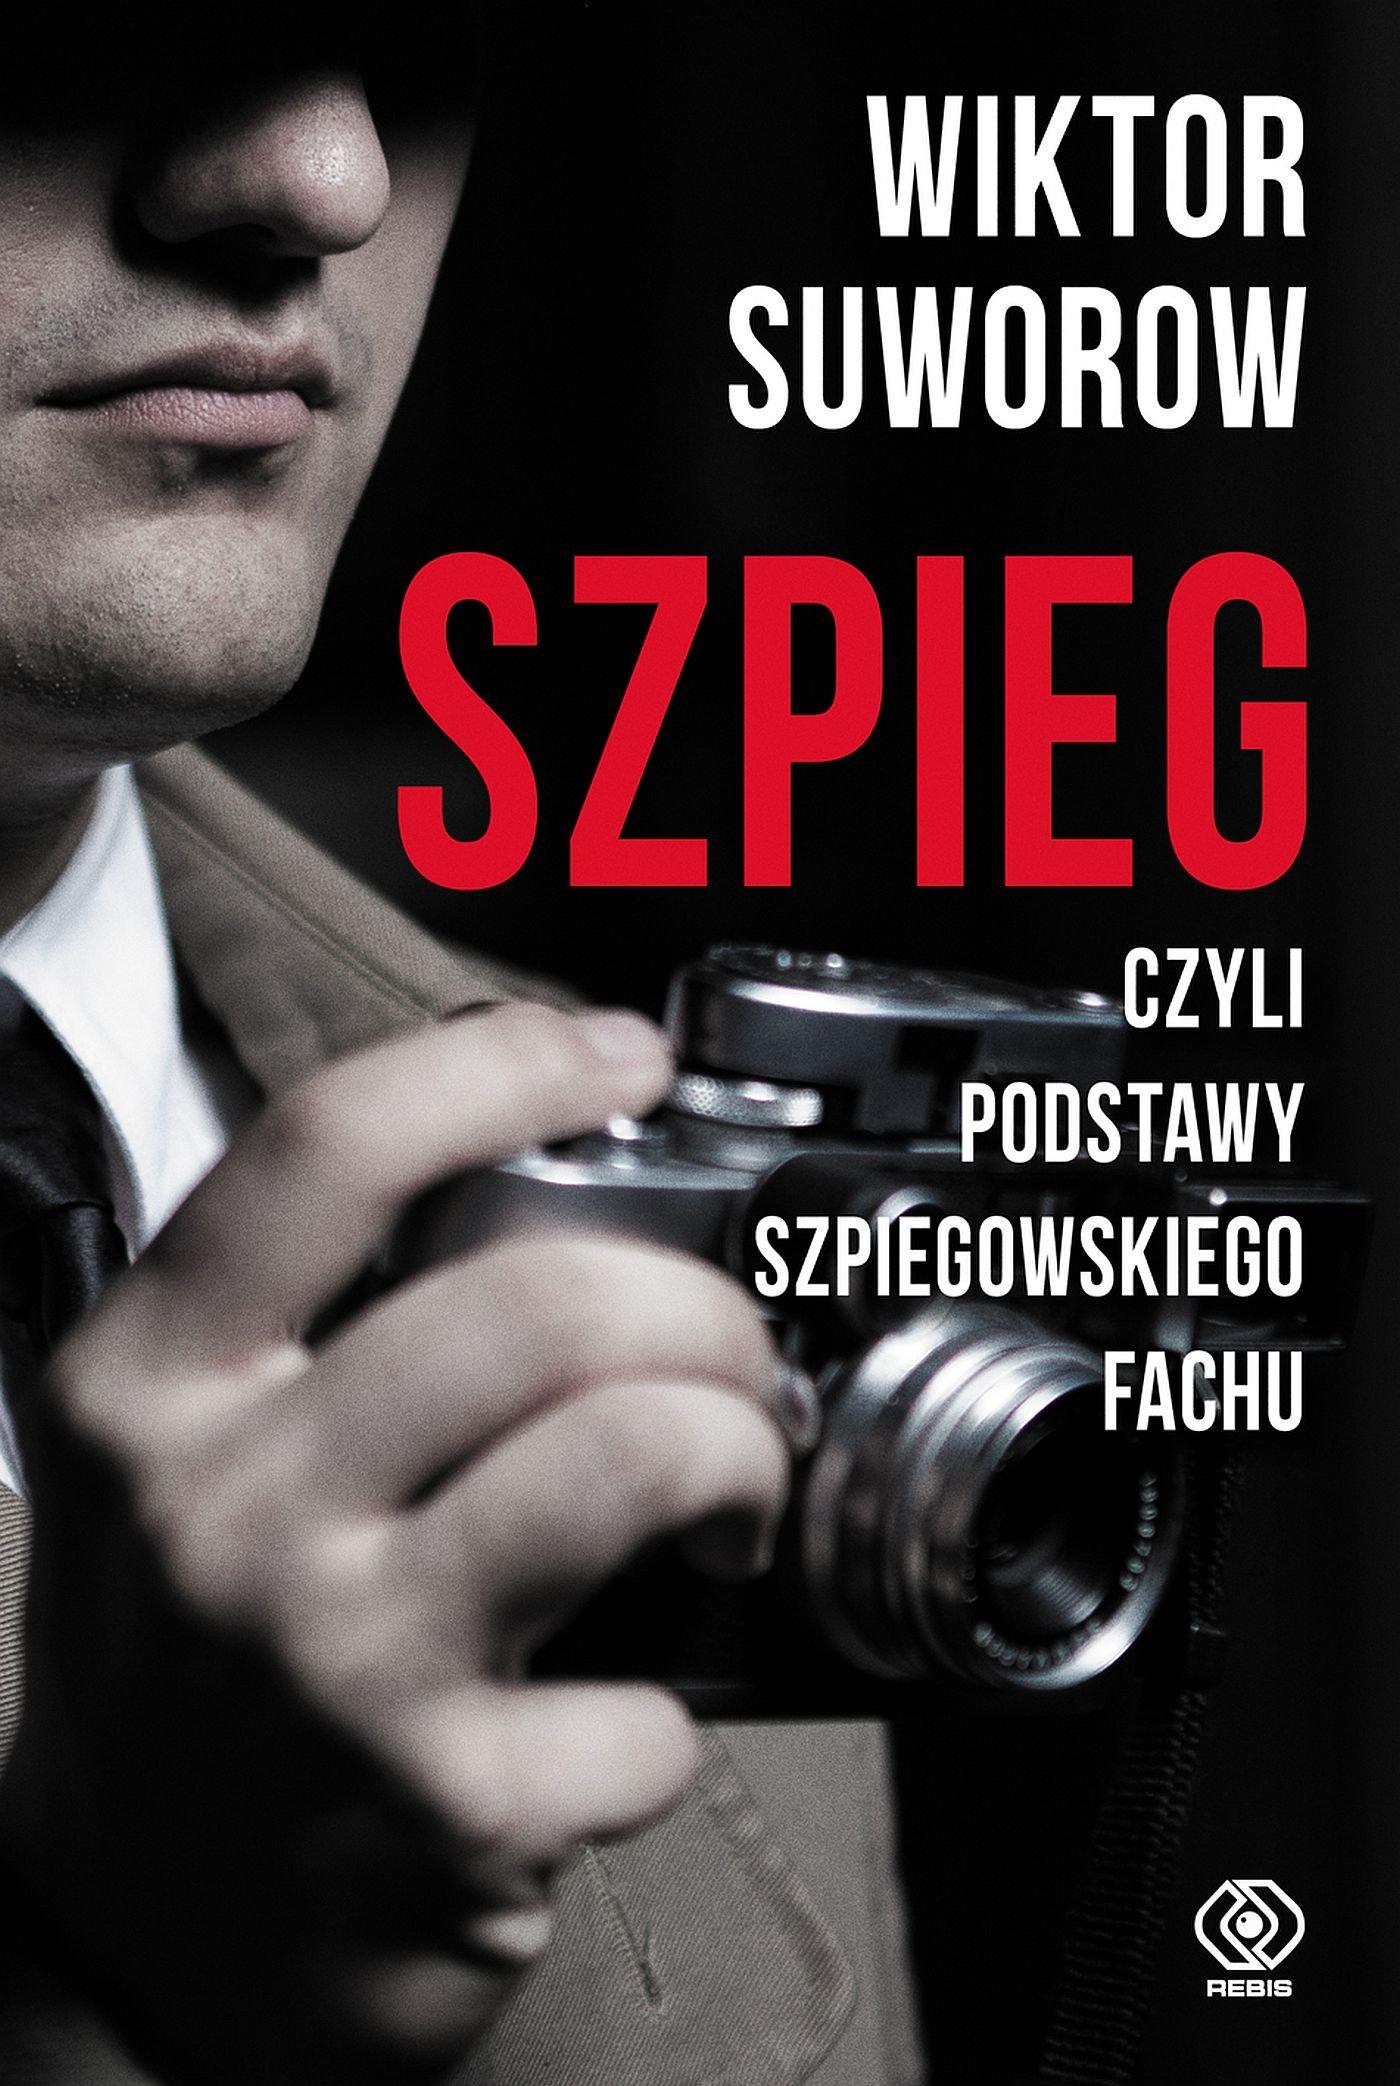 Szpieg, czyli podstawy szpiegowskiego fachu - Ebook (Książka na Kindle) do pobrania w formacie MOBI